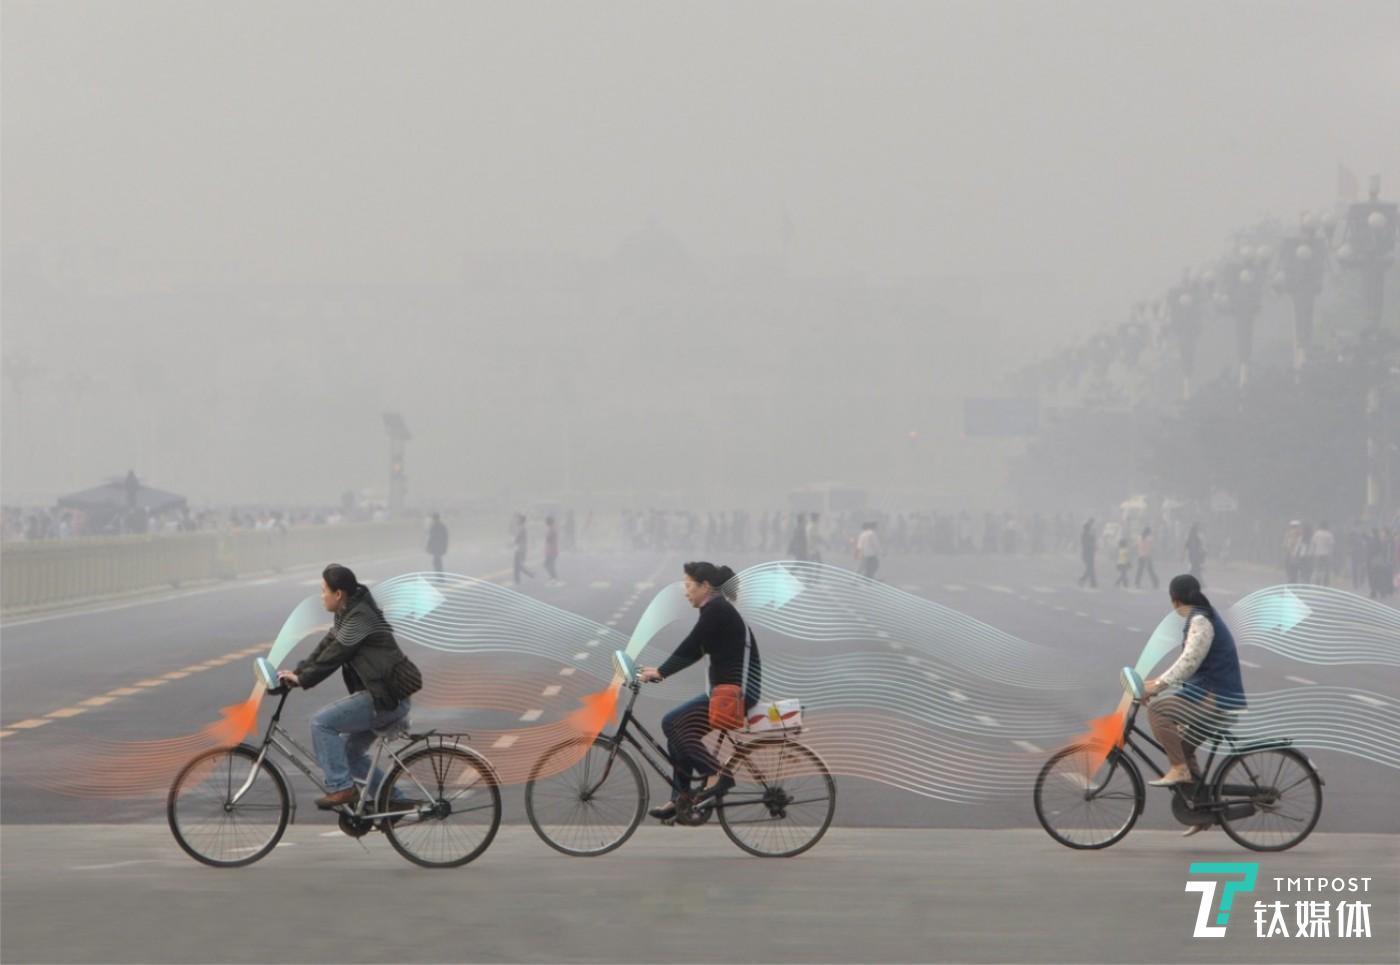 减霾单车工作原理示意图。图片来源/罗斯加德工作室